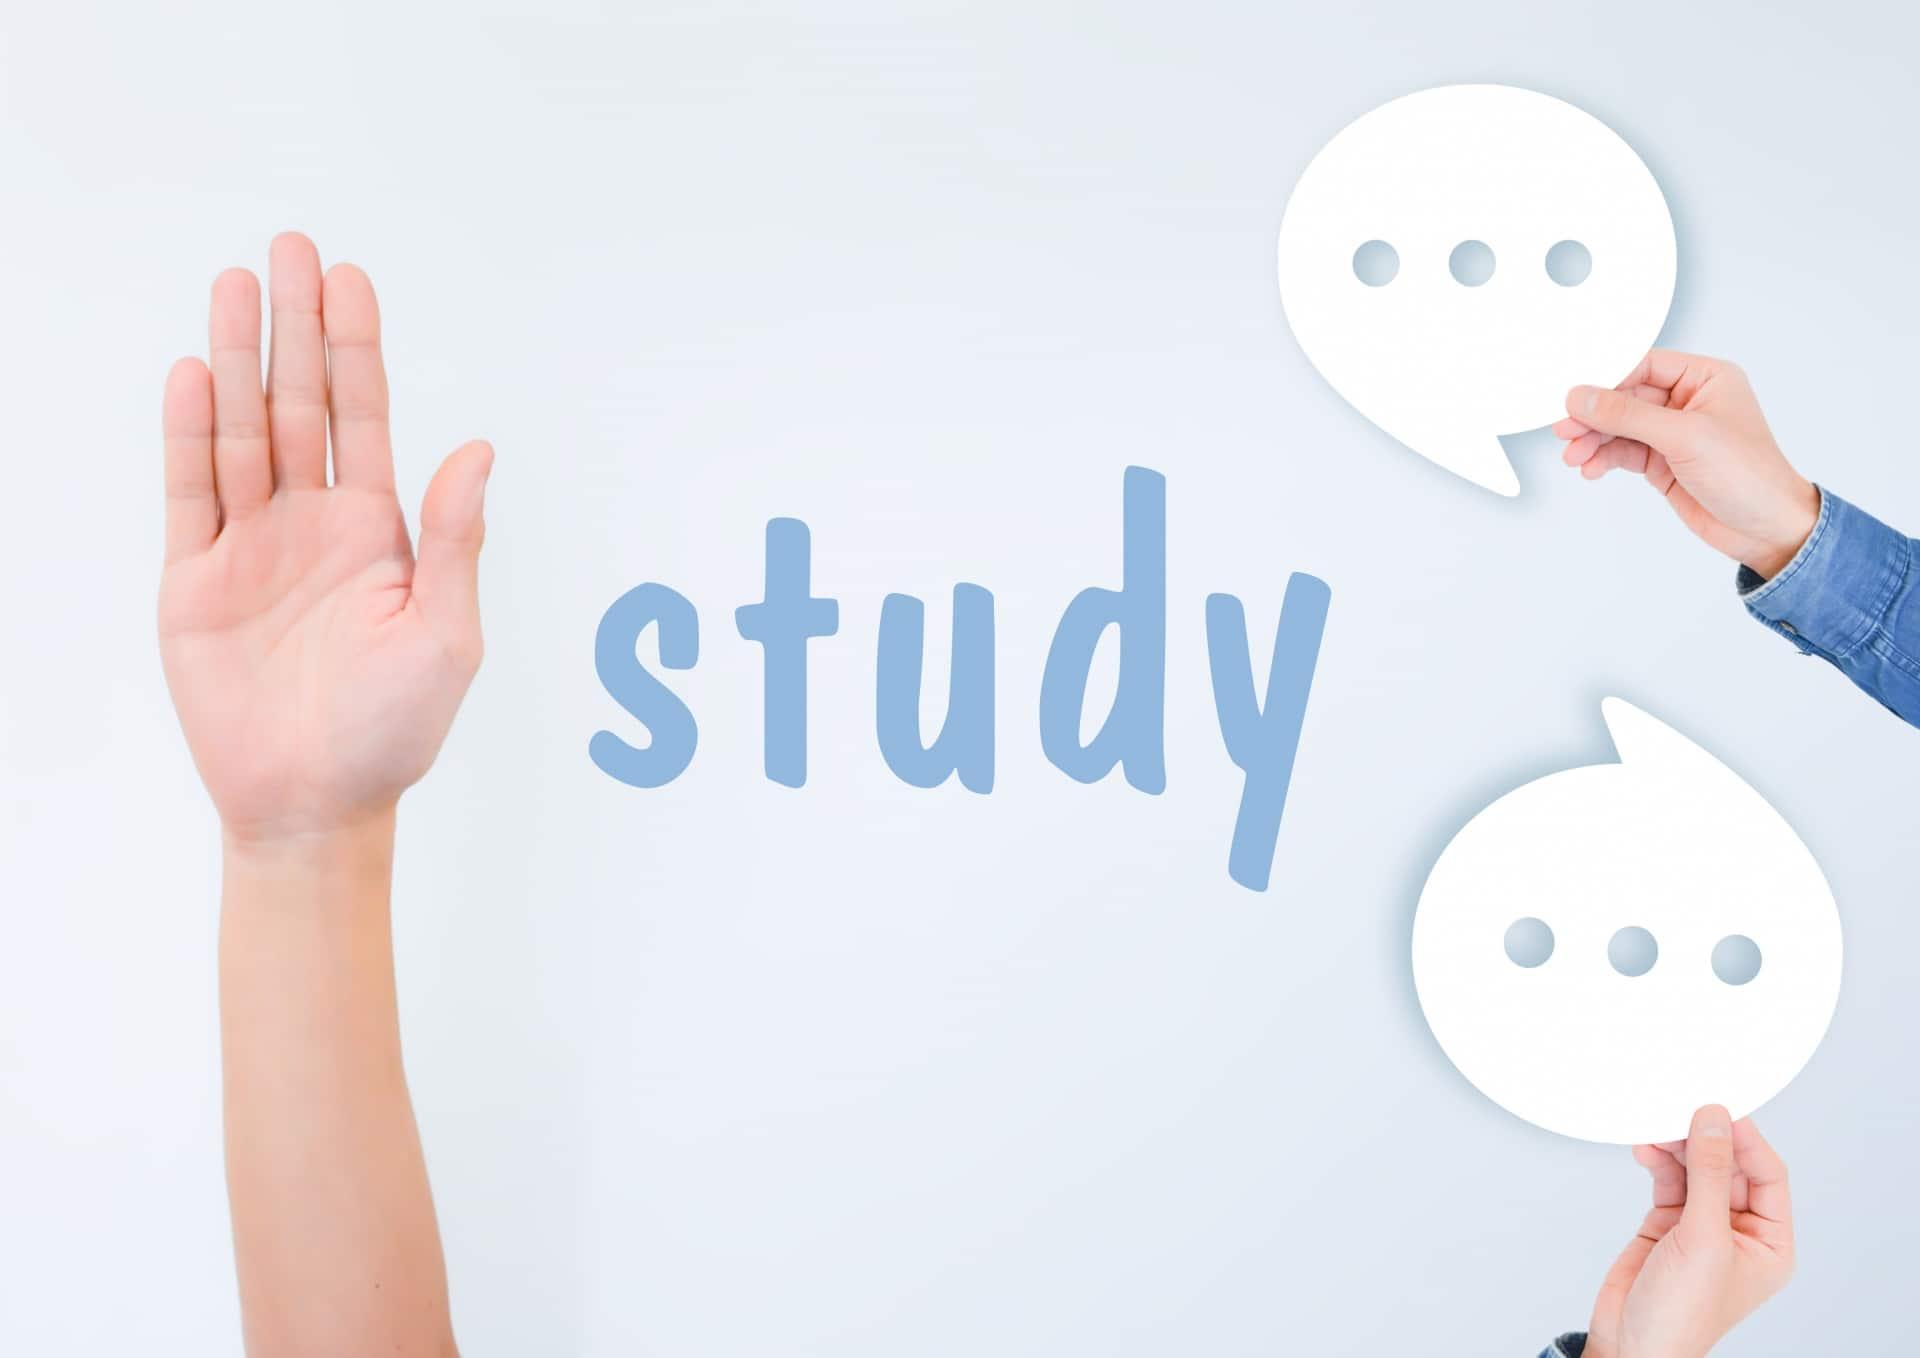 大学のGPAが平均以下だと就活に影響する!?評価や成績アップの方法も紹介